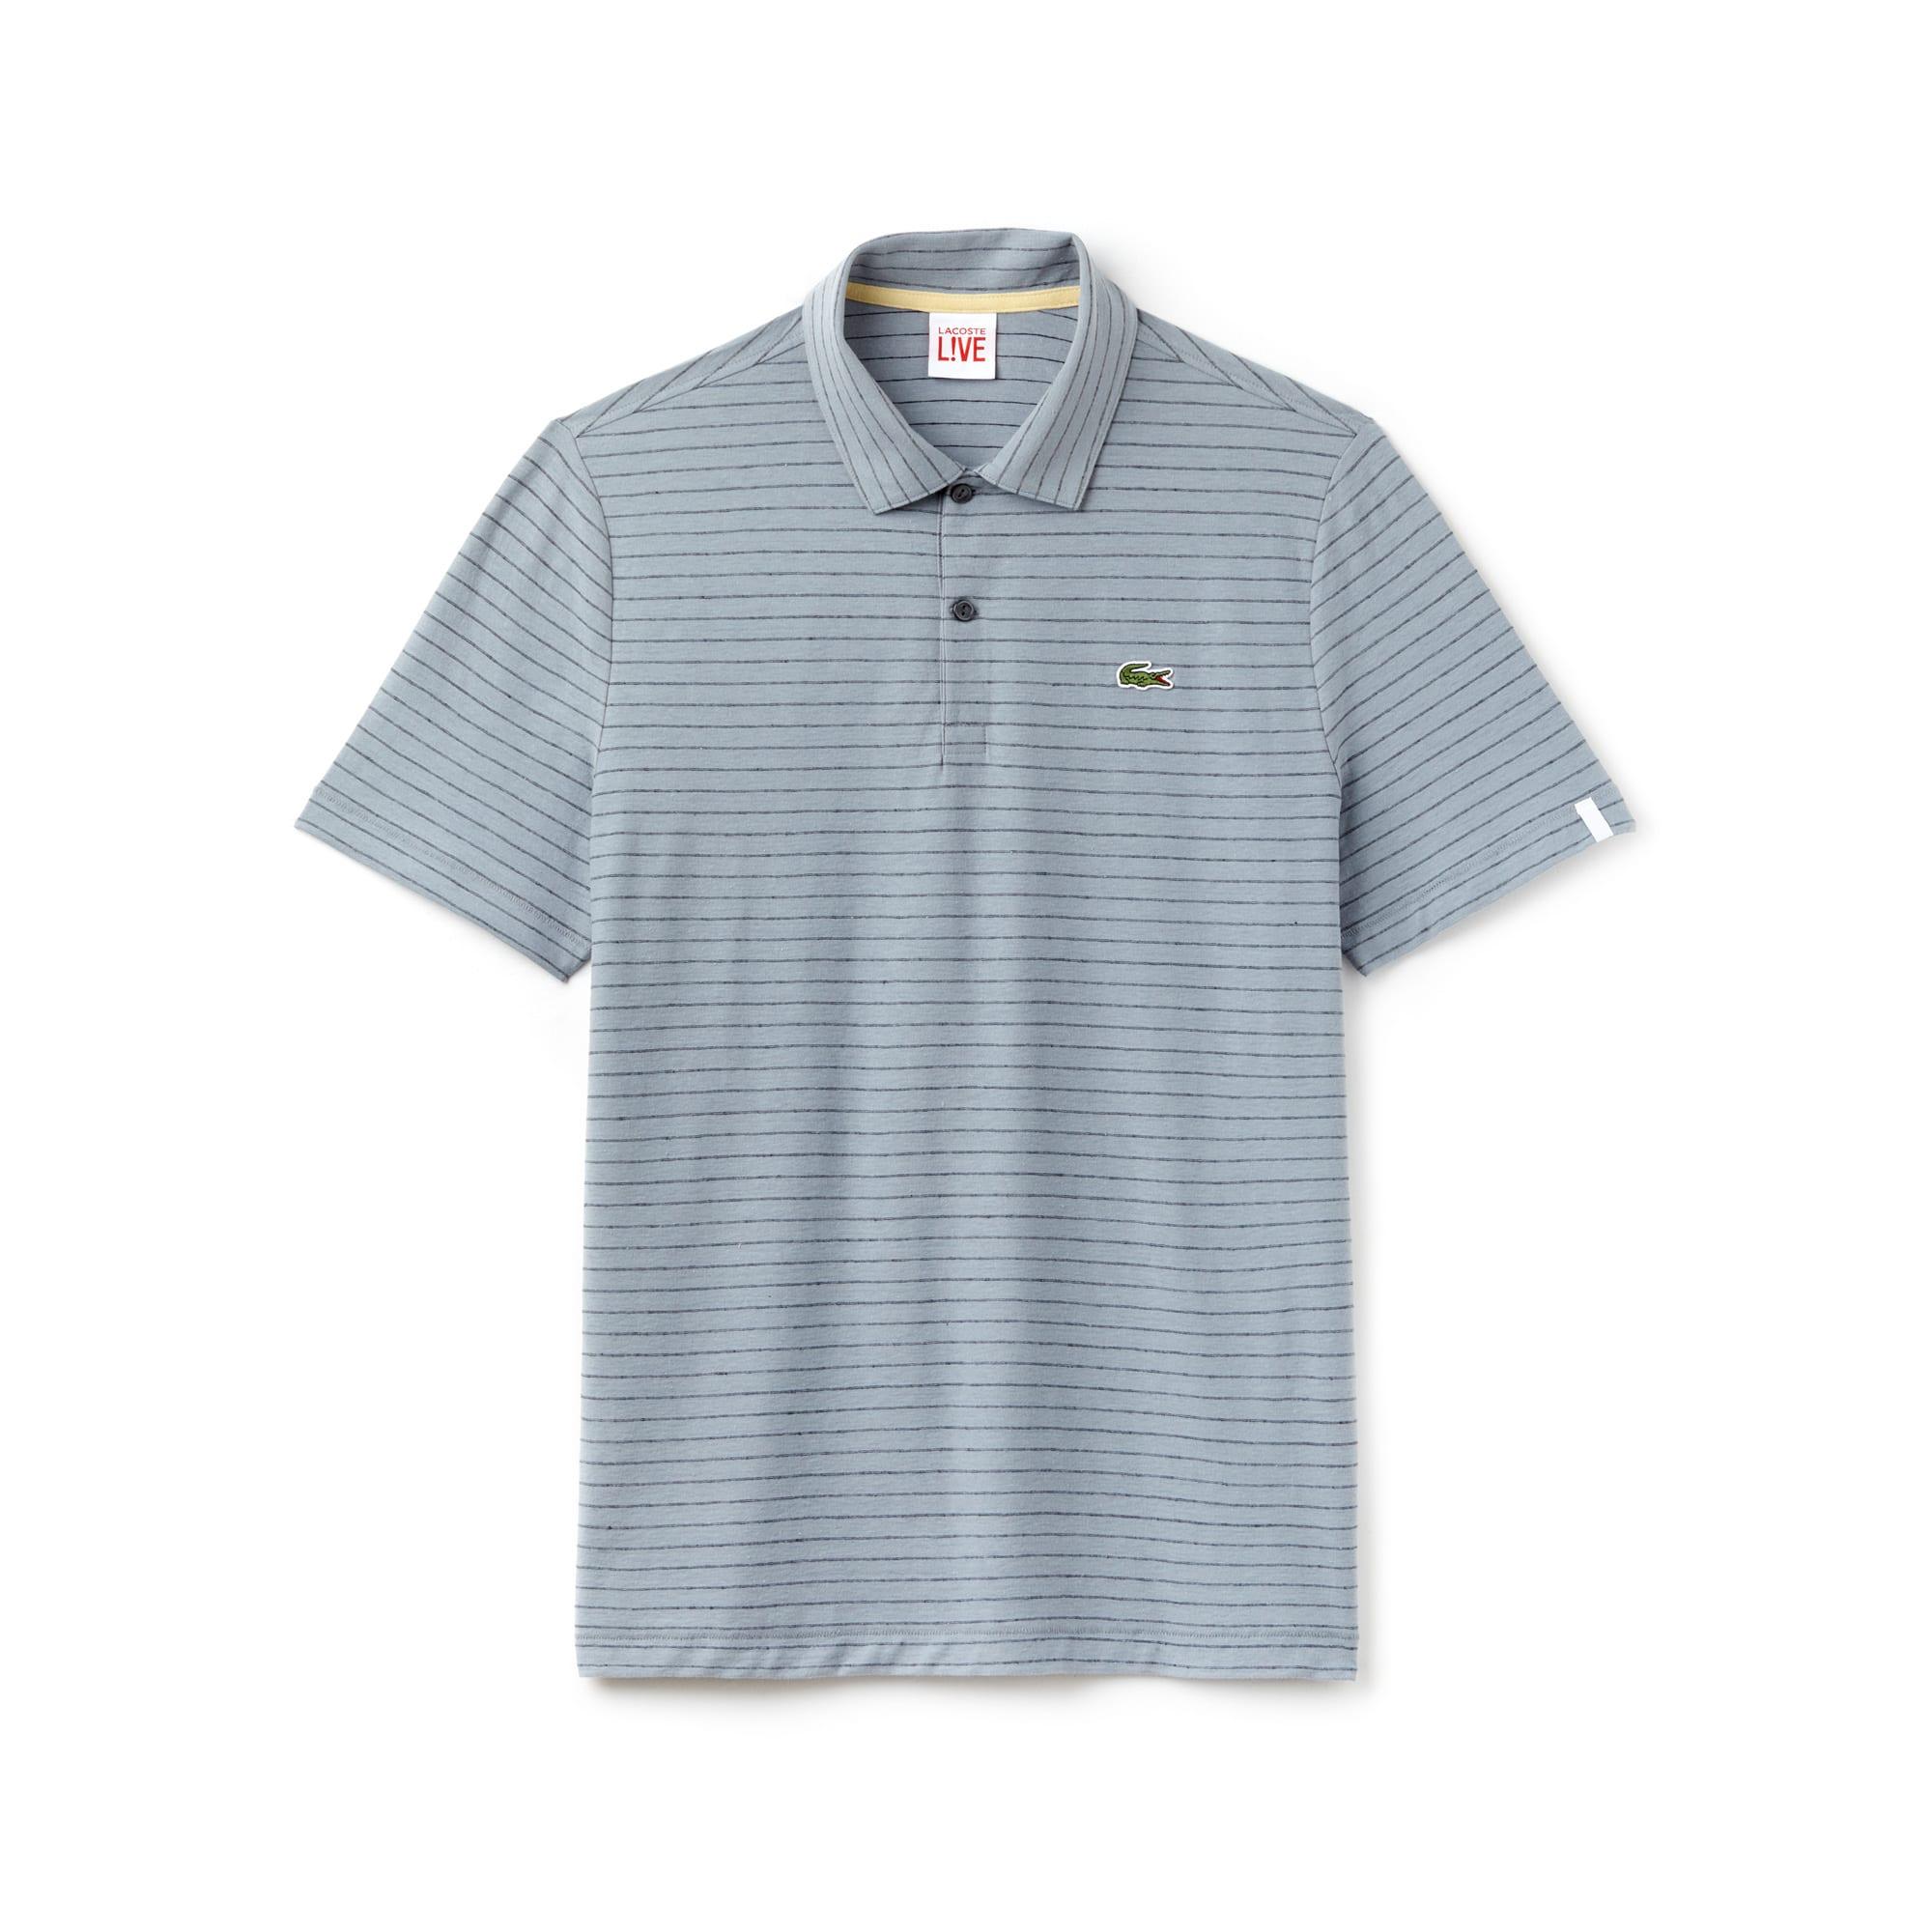 Polo slim fit Lacoste LIVE in jersey di lino e cotone a righe